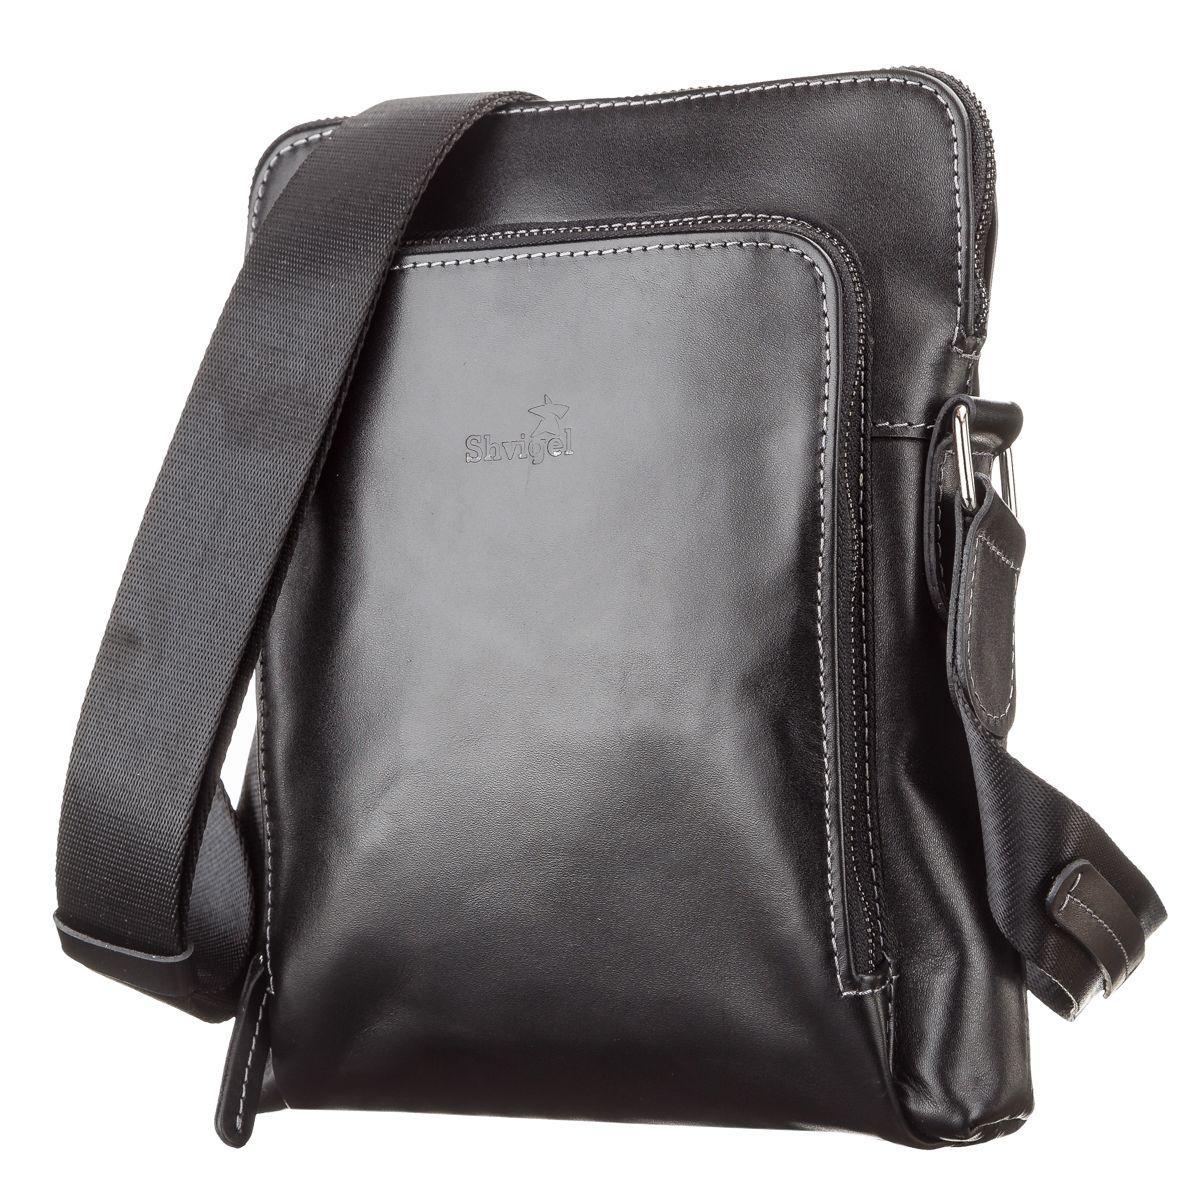 150215aa0ccb Сумка мужская SHVIGEL 11101 кожаная Черная, Черный: продажа, цена в ...